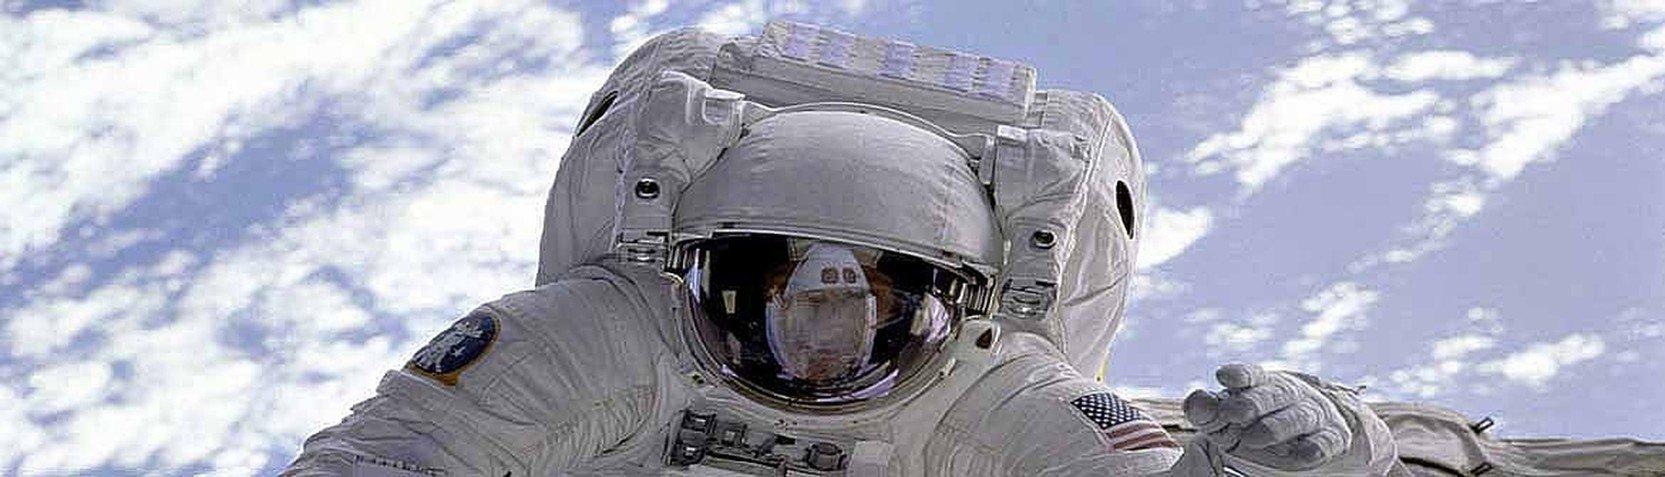 Fotografi - Fotografier av verdensrommet